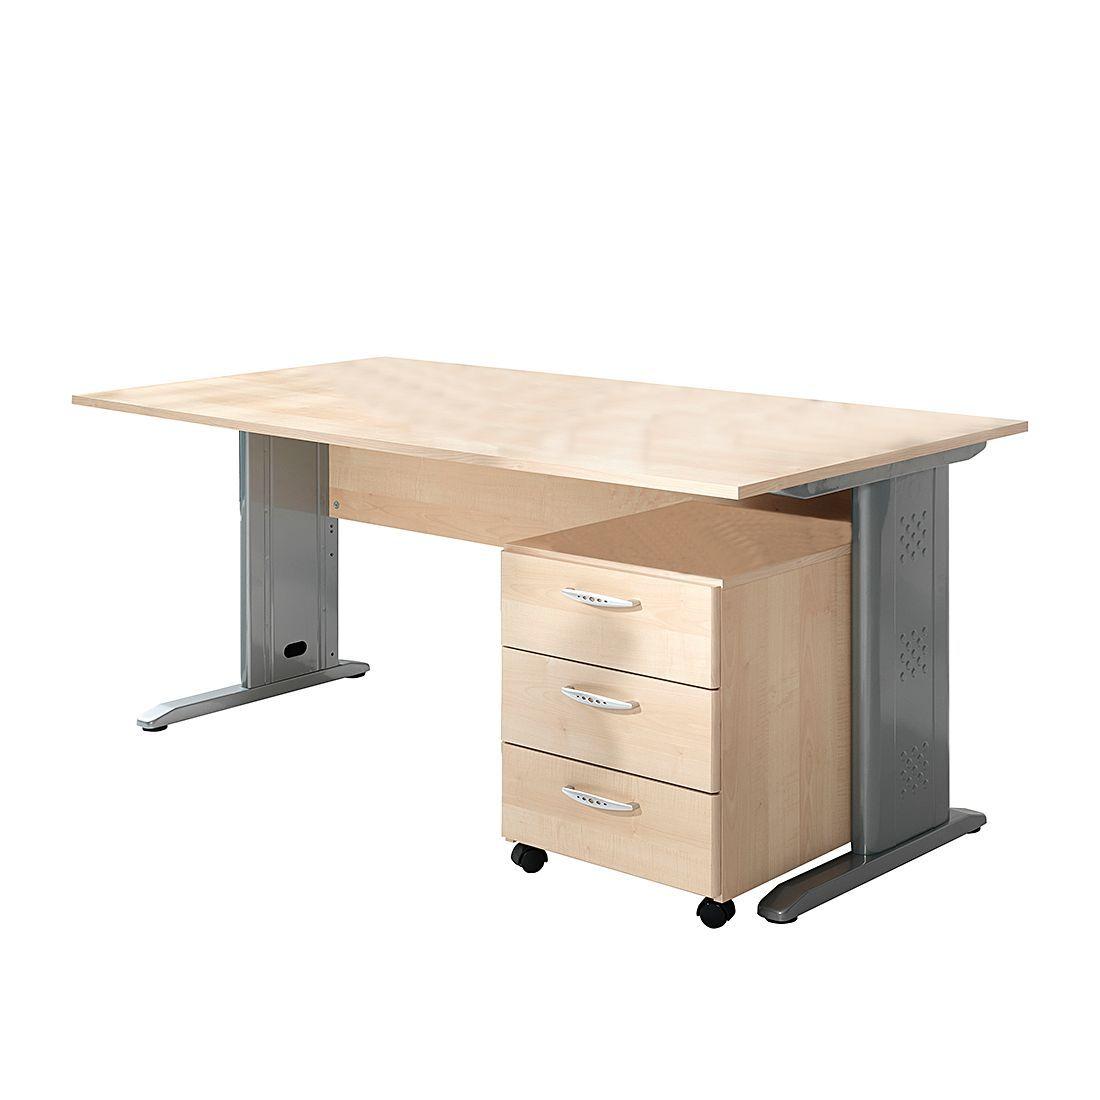 Meuble De Bureau Meuble De Bureau Montreal Meuble De Bureau Tunisie Meuble De Bureau A Vendre Meuble De Bureau Design Desk Office Desk Home Decor